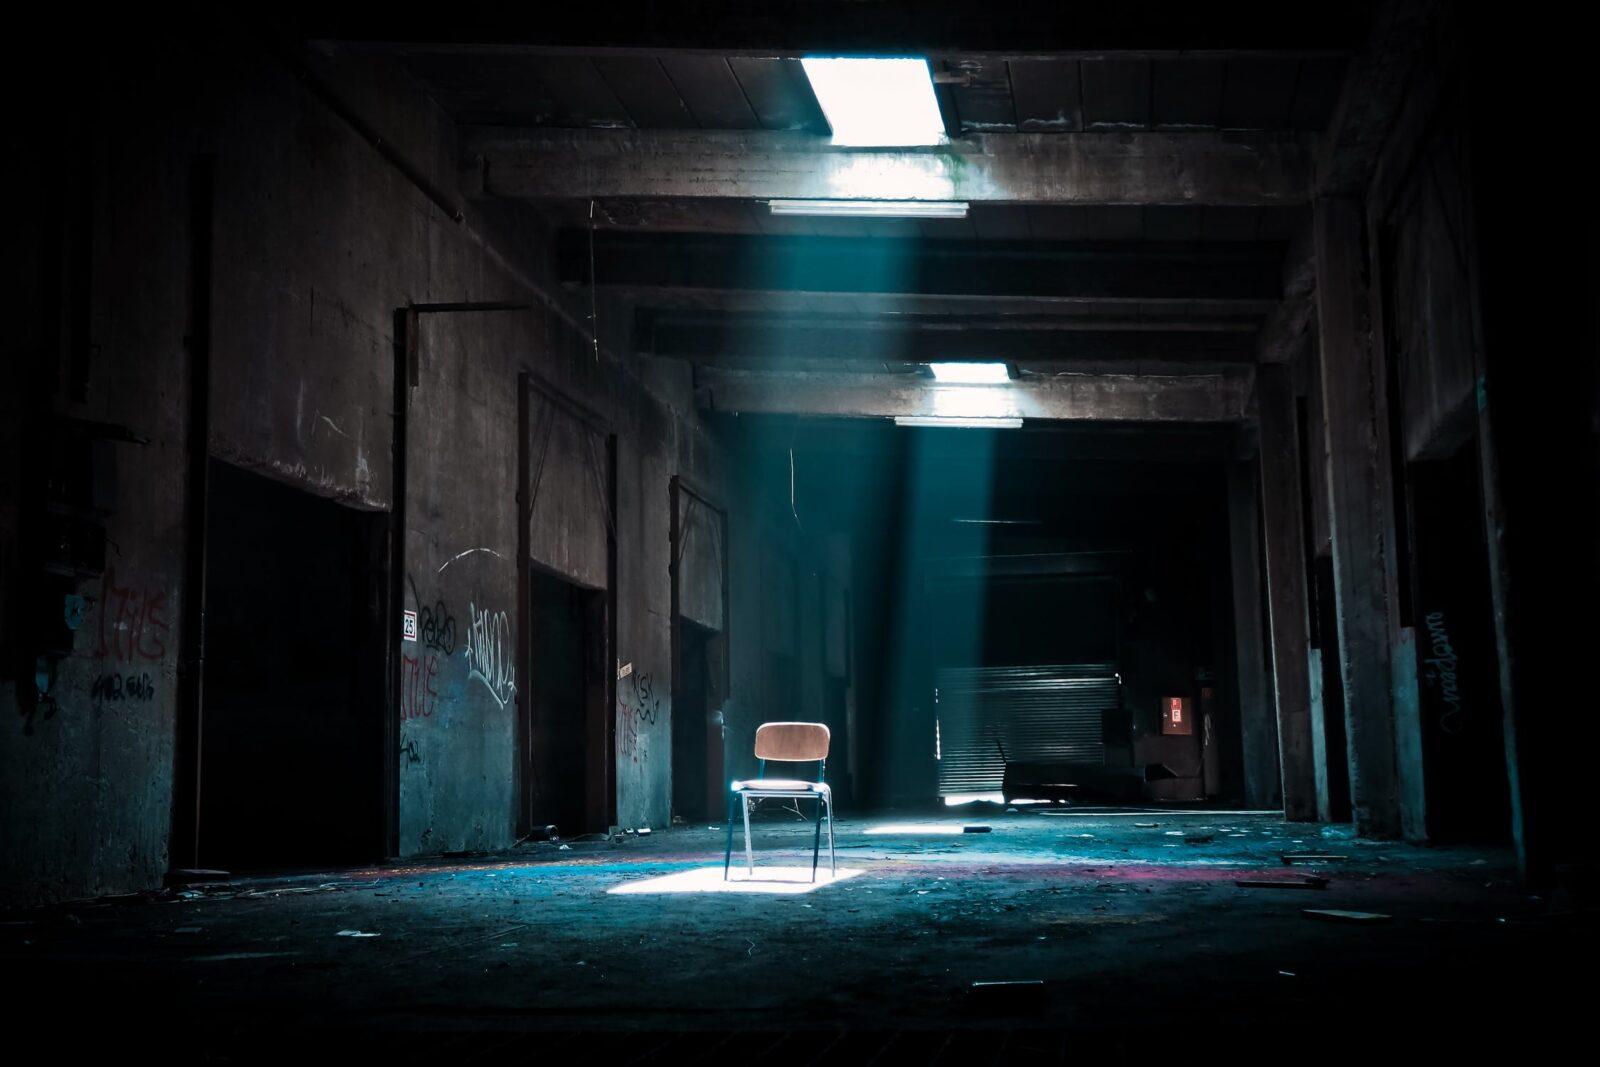 Echo Chamber เสียงก้องแห่งโลกโซเชียล ที่มาจากความไม่ได้ตั้งใจ